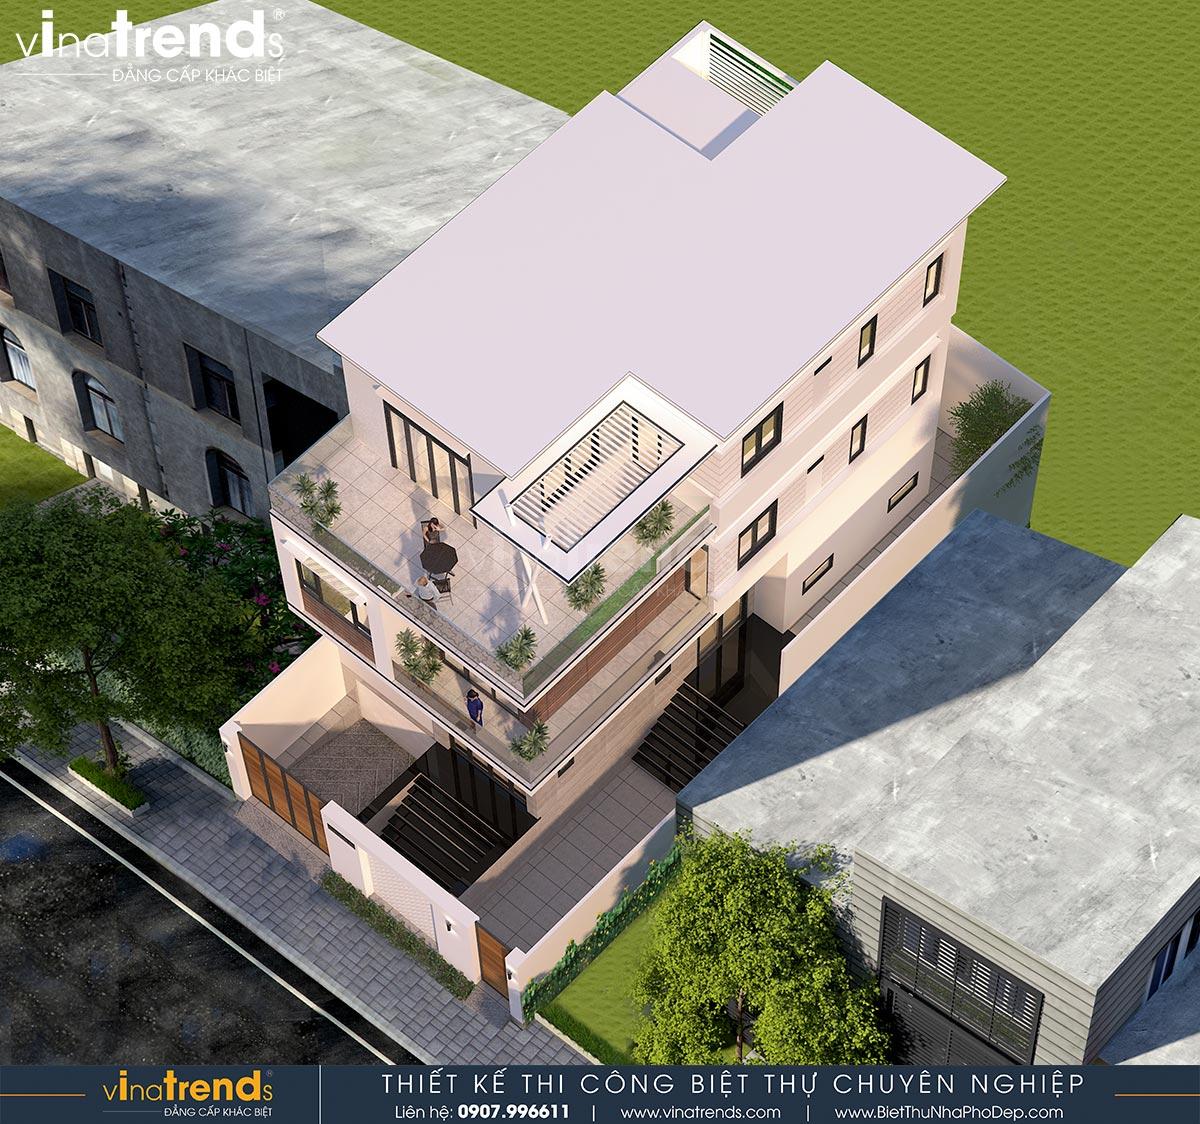 mau nha 3 tang hien dai co ham gara 8m dai 16m 1 Bản vẽ mẫu nhà biệt thự 3 tầng hiện đại 8x16m có hầm gara ô tô nhà anh Giang ở Hồ Chí Minh